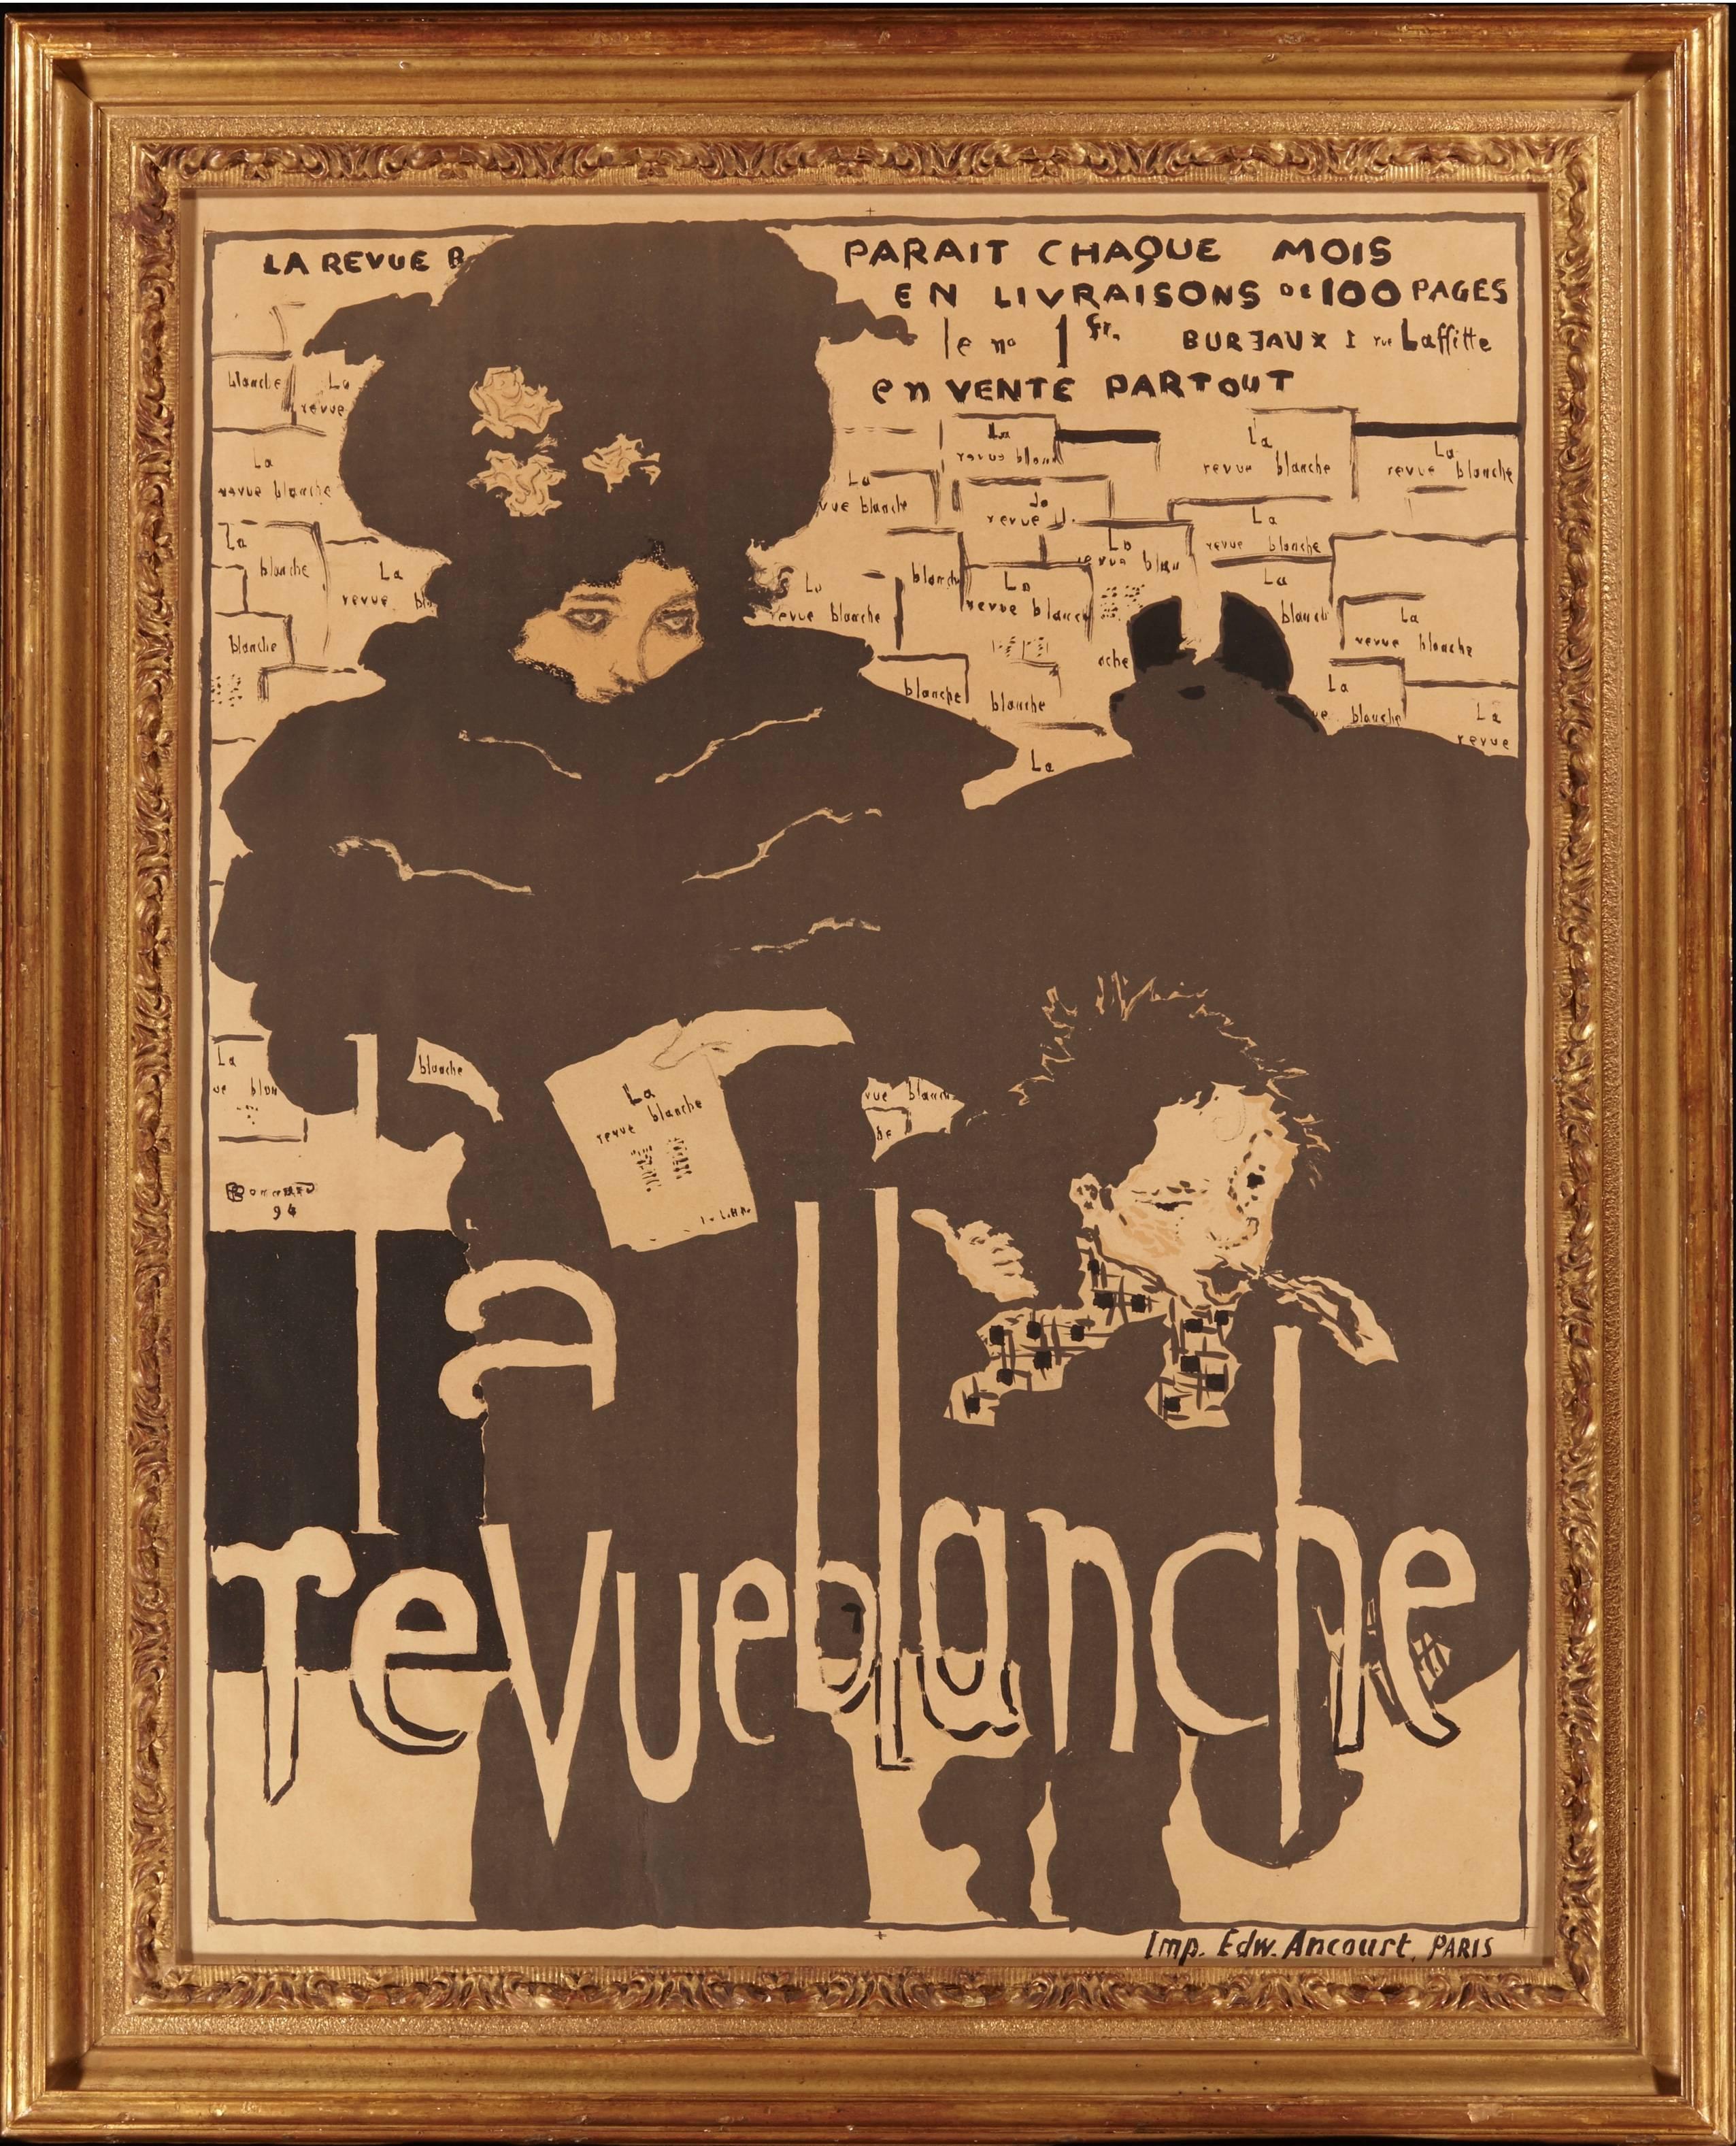 Chaise Style Art Nouveau late 19th century pierre bonnard la revue blanche art nouveau poster